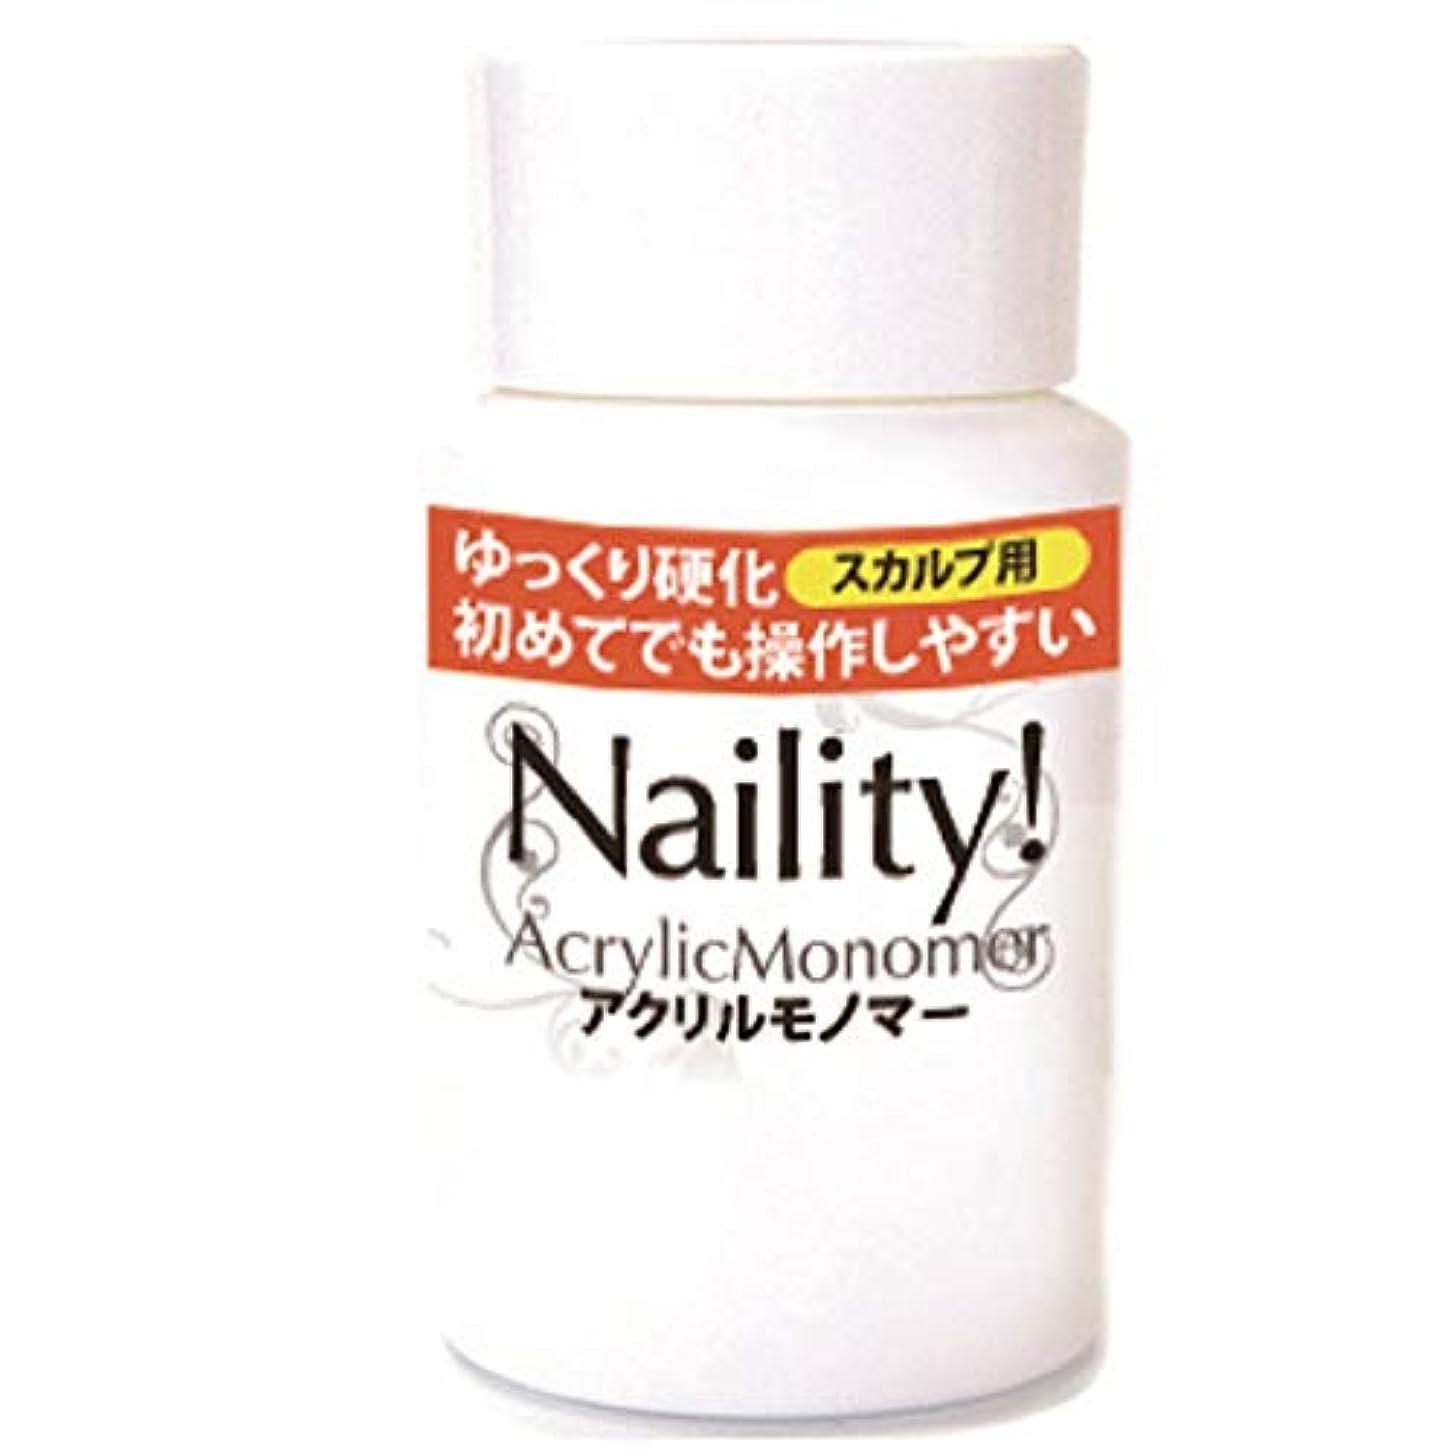 ヒップ故障以上Naility! アクリルモノマー 50mL